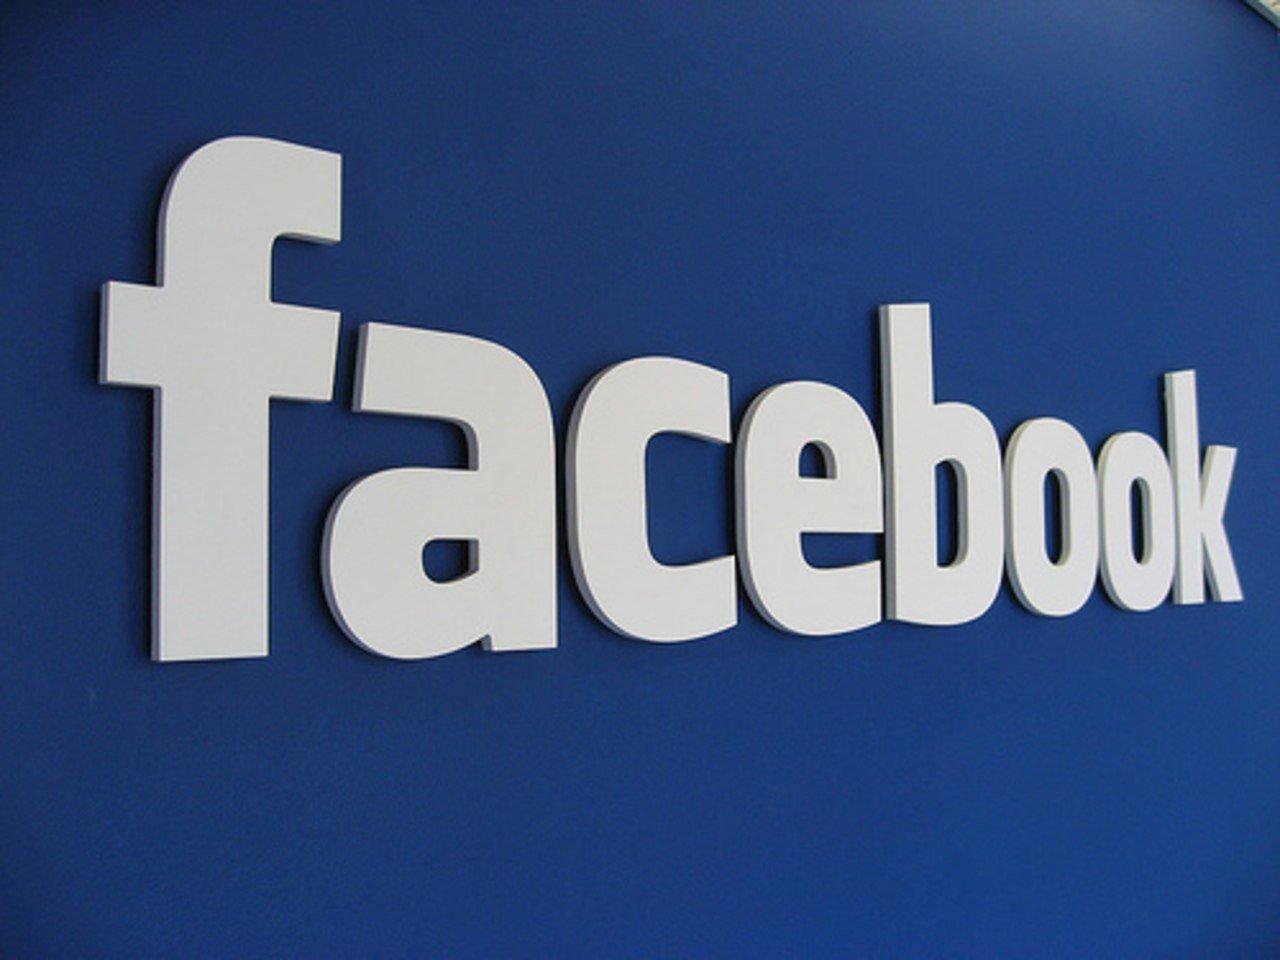 Фейсбук могла слить данные 50 млн пользователей